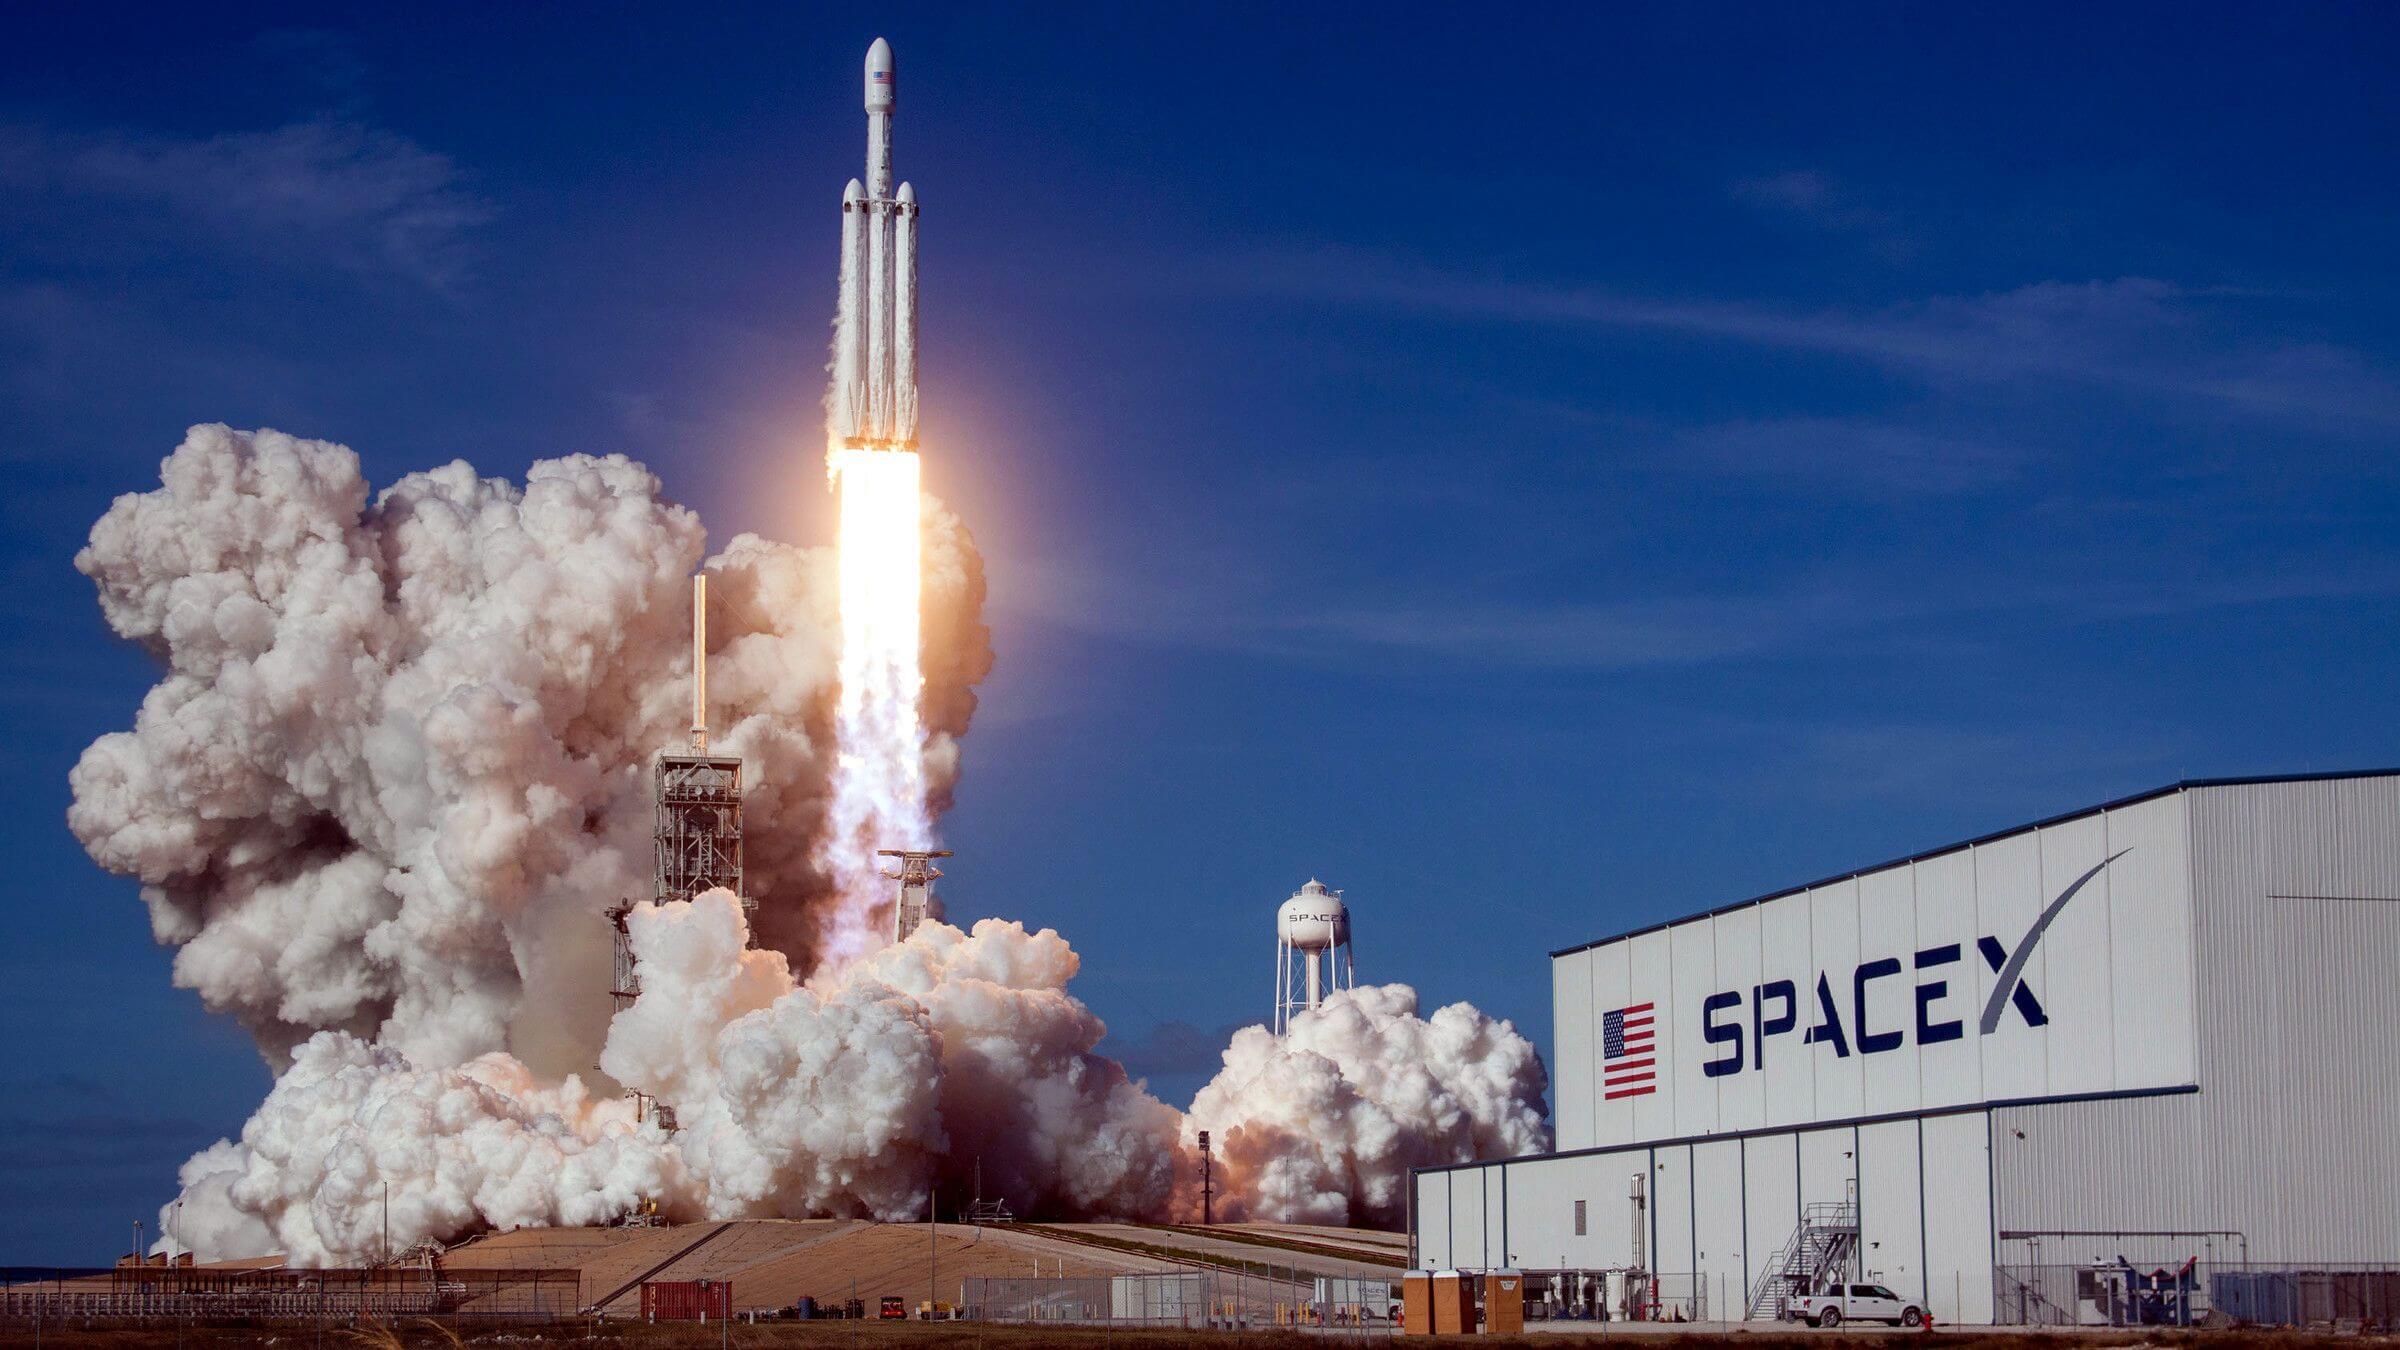 Elon Musk'ın SpaceX'i ile İlgili 12 İnanılmaz Gerçek